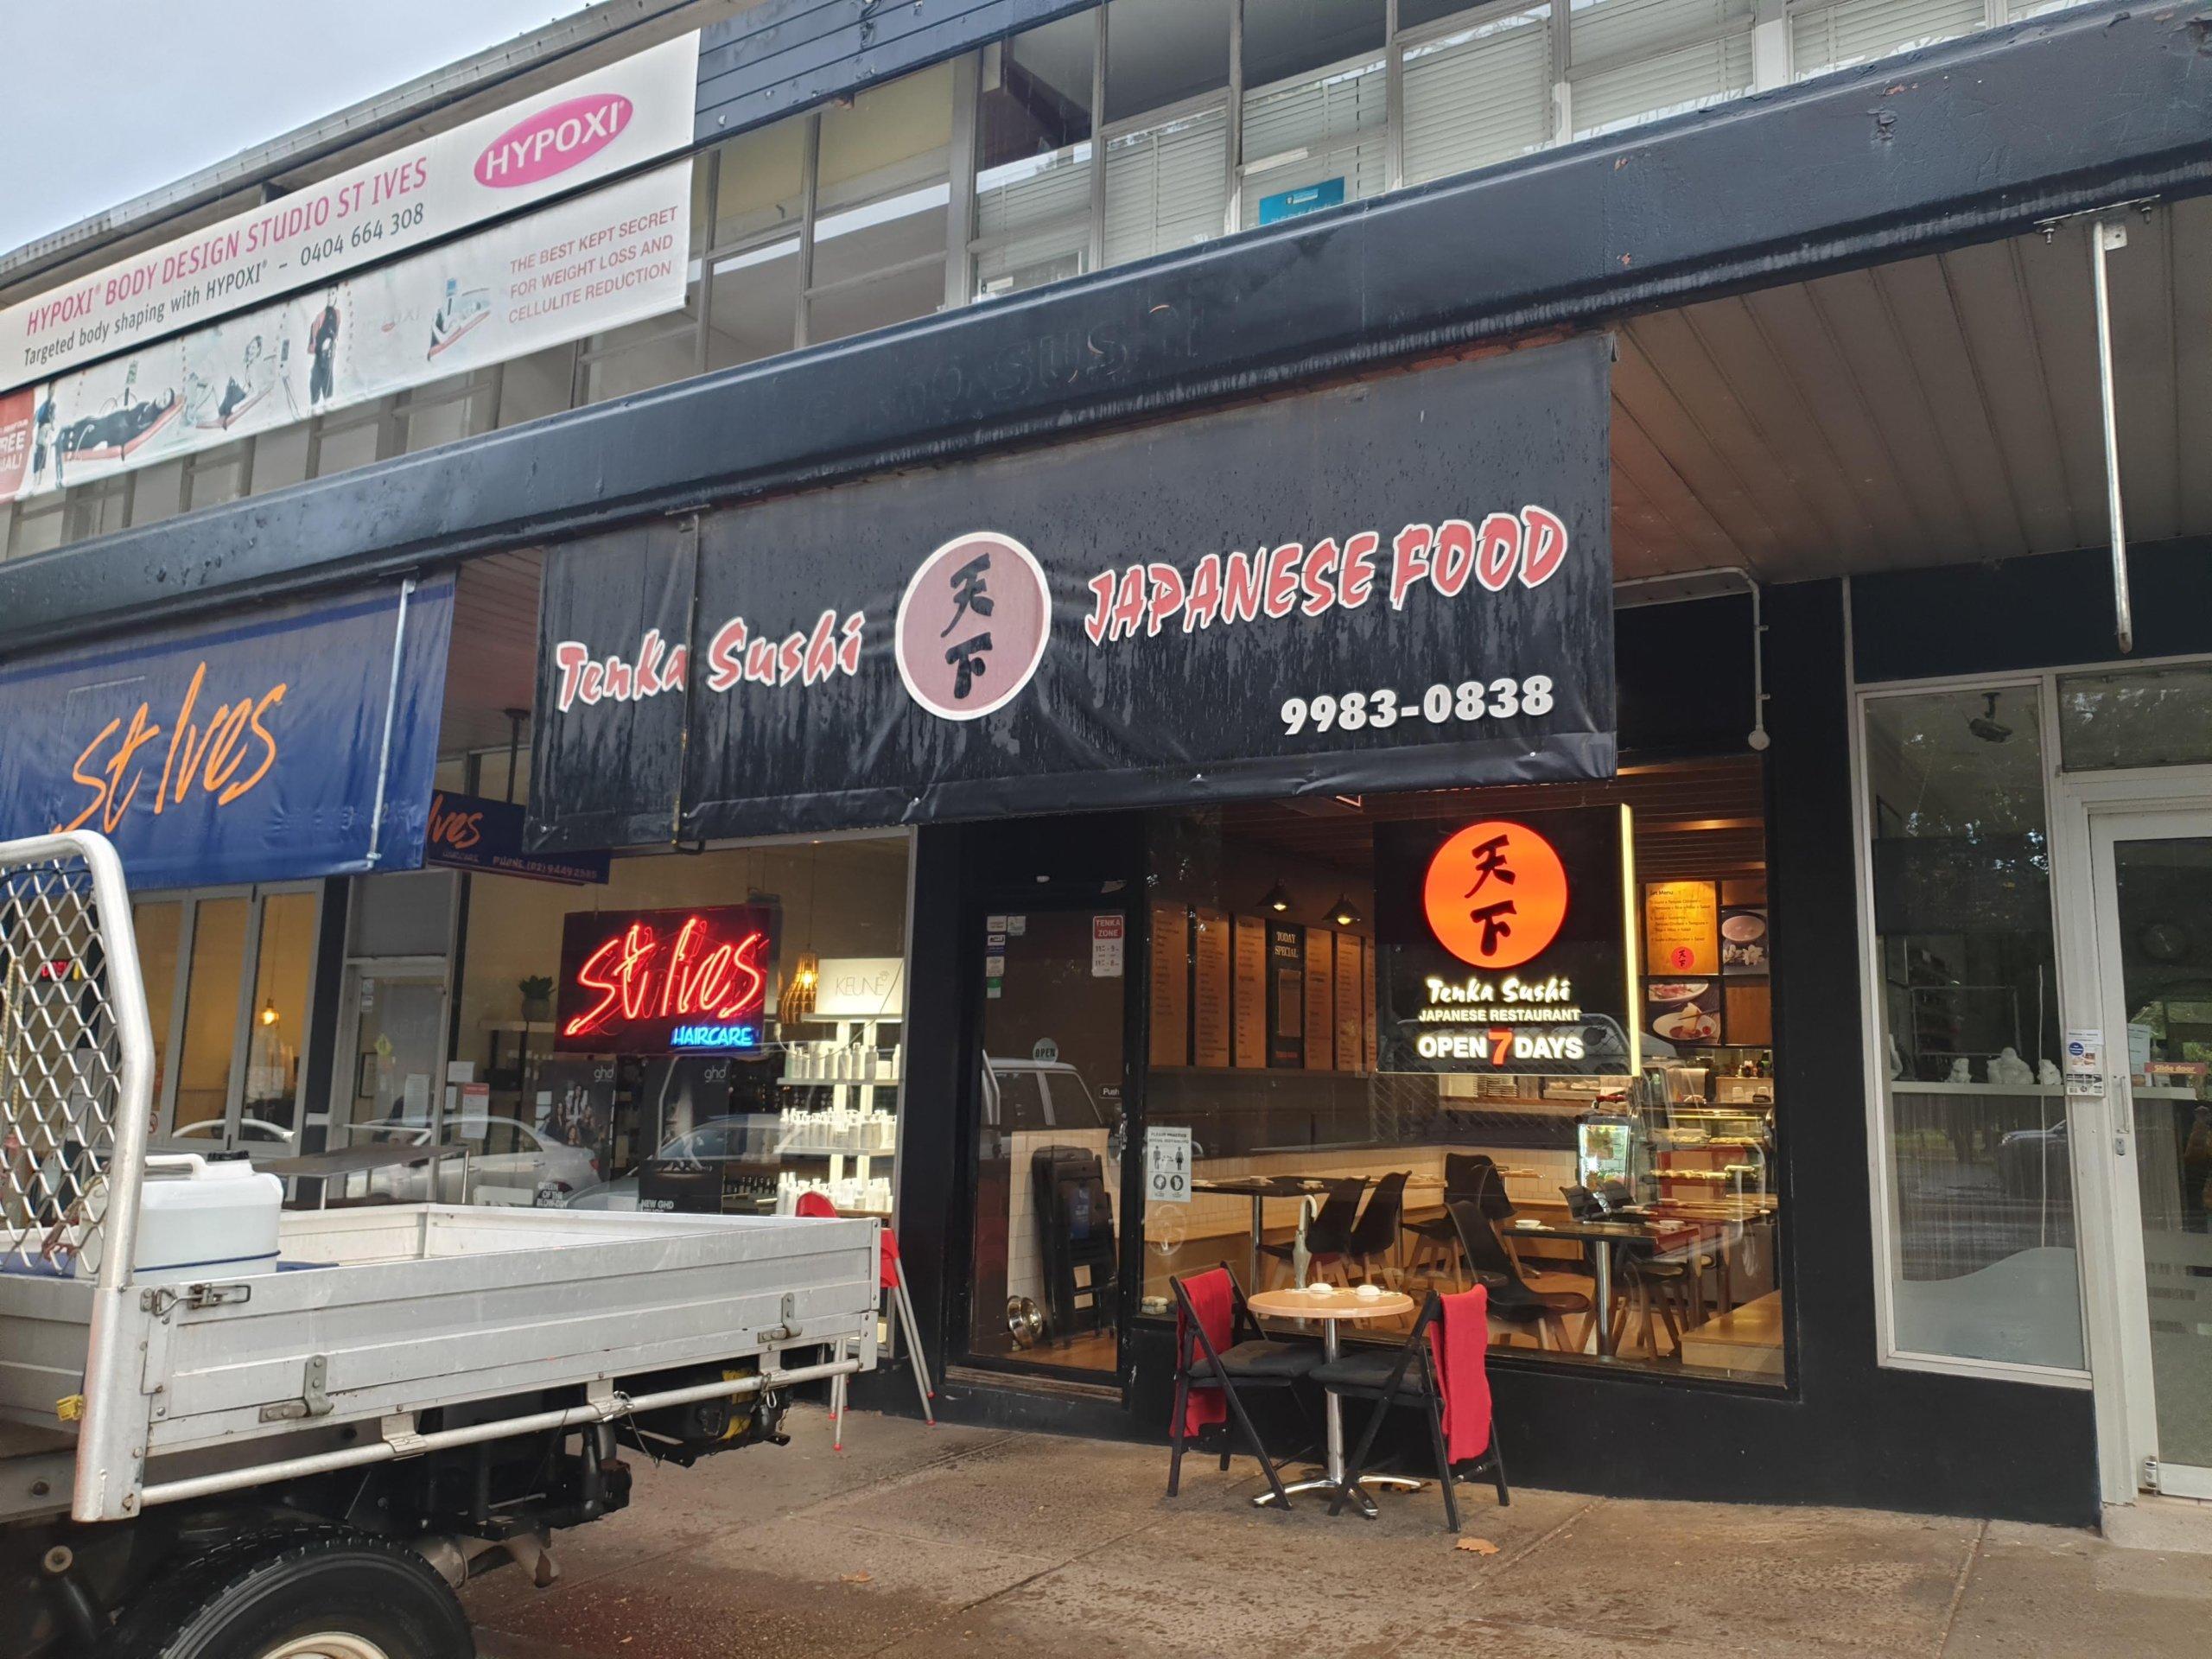 本場の日本食とはちょっと違うけどおいしかった Tenka Sushi